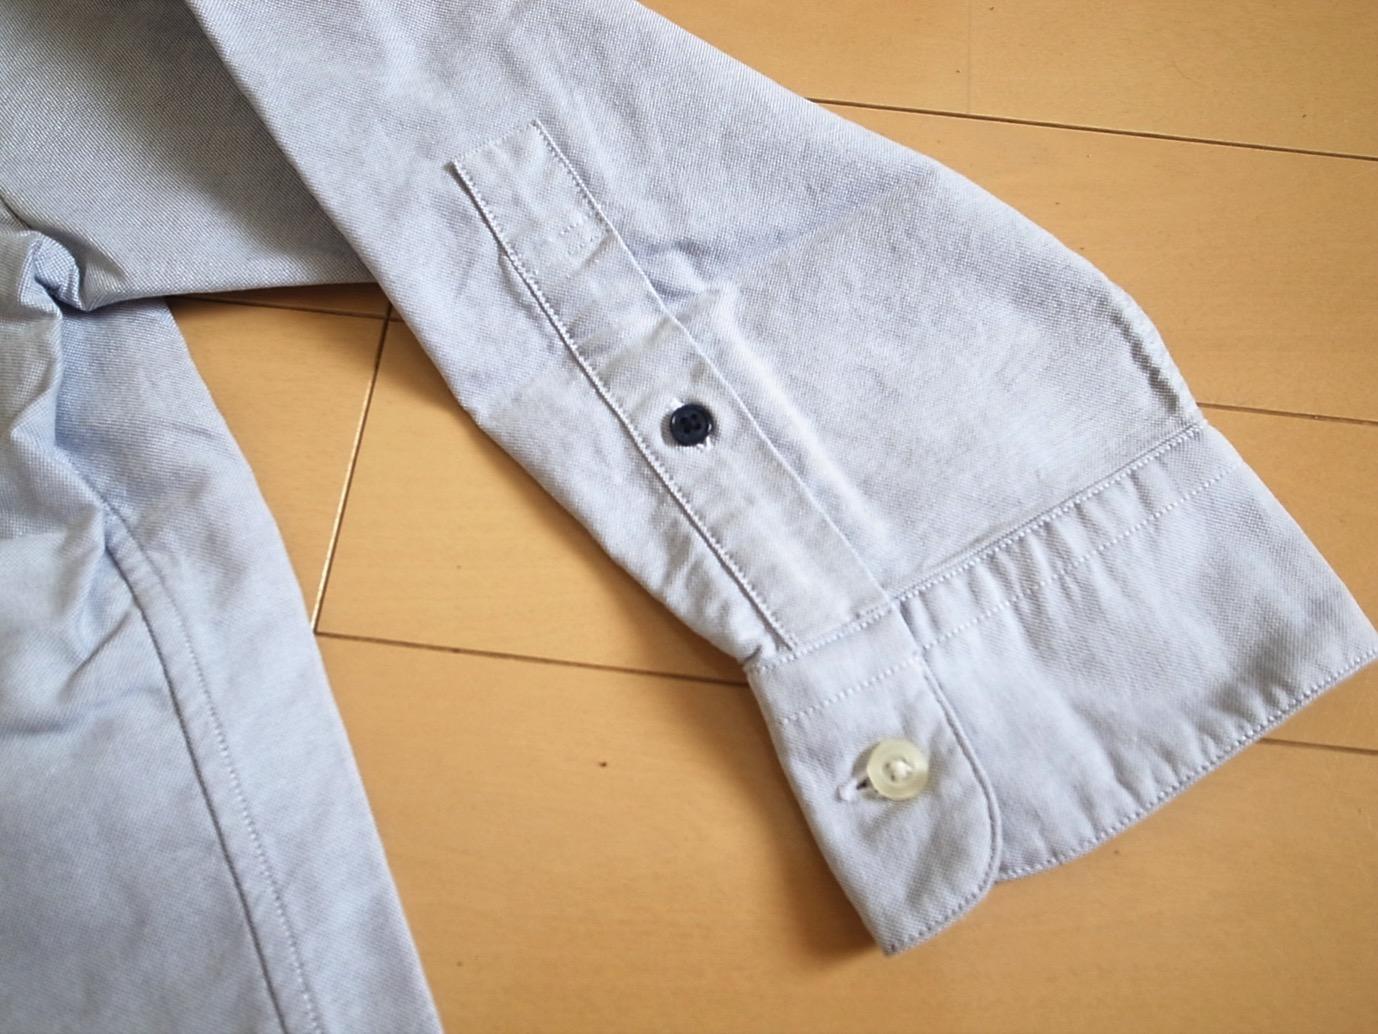 Nanouniverse pk shirt 7s 5